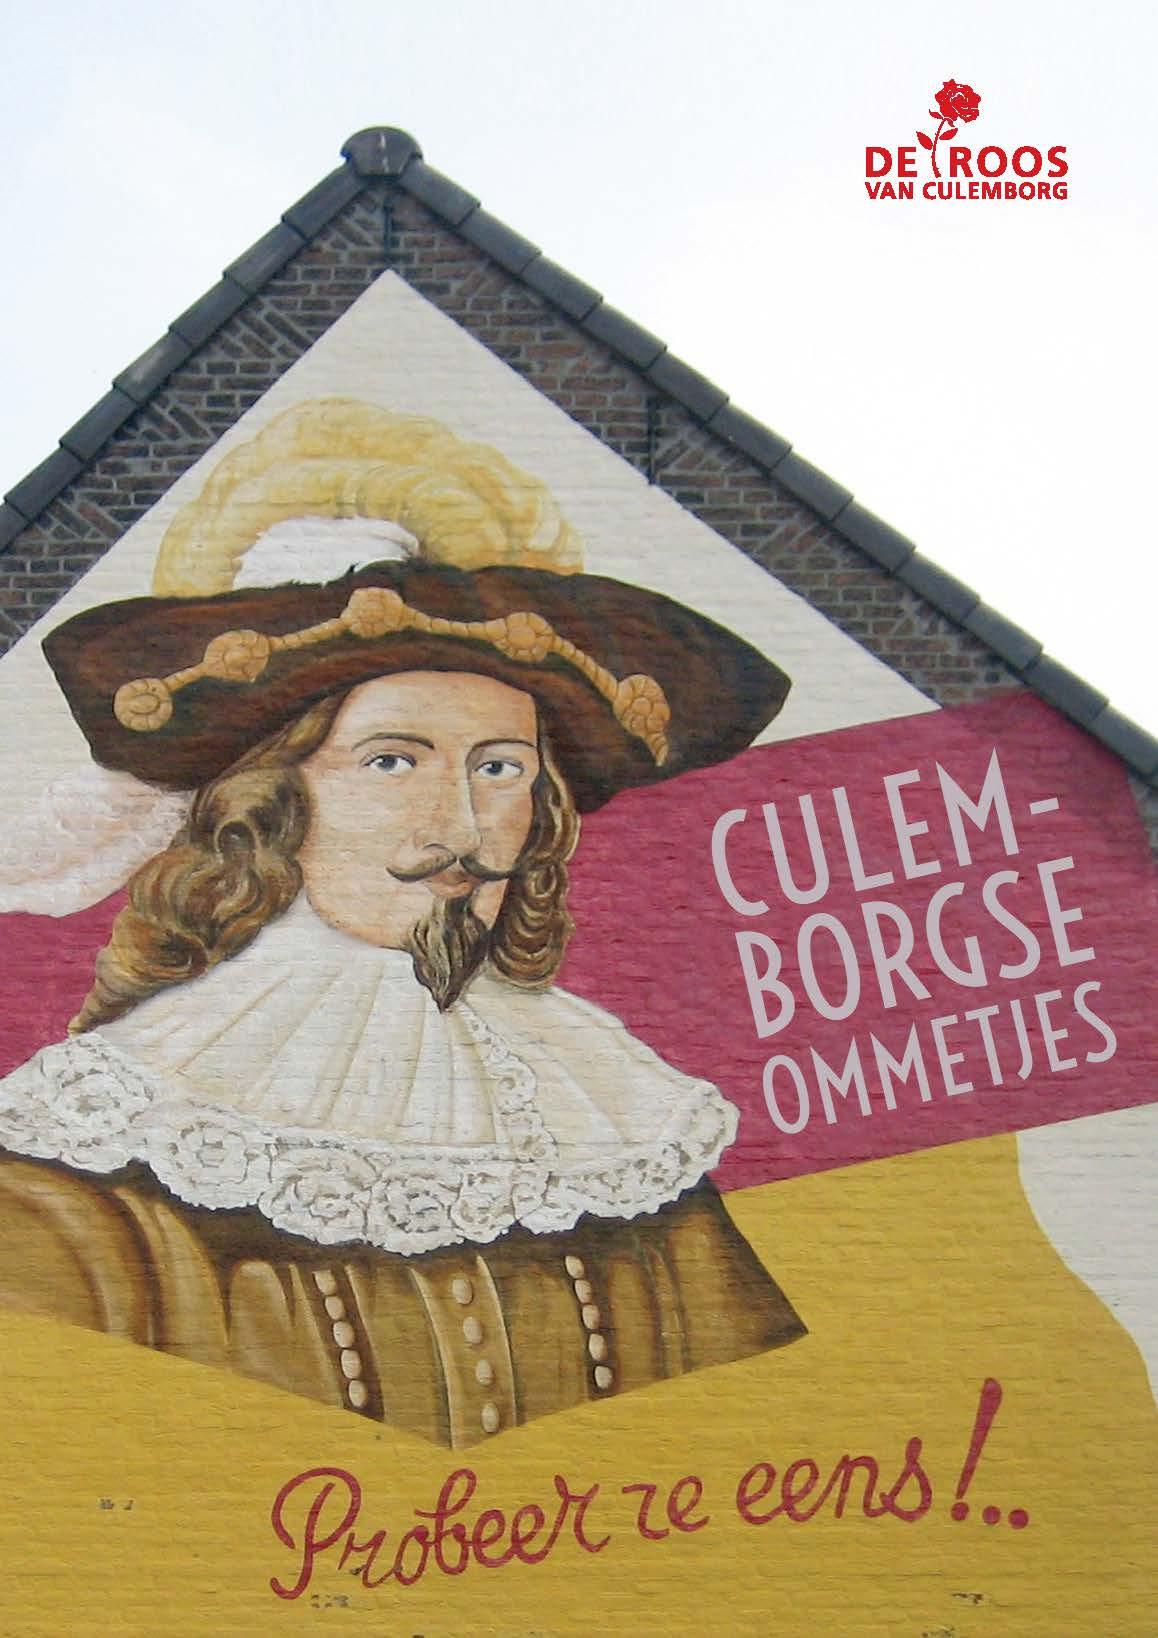 Culemborgse Ommetjes - boekje